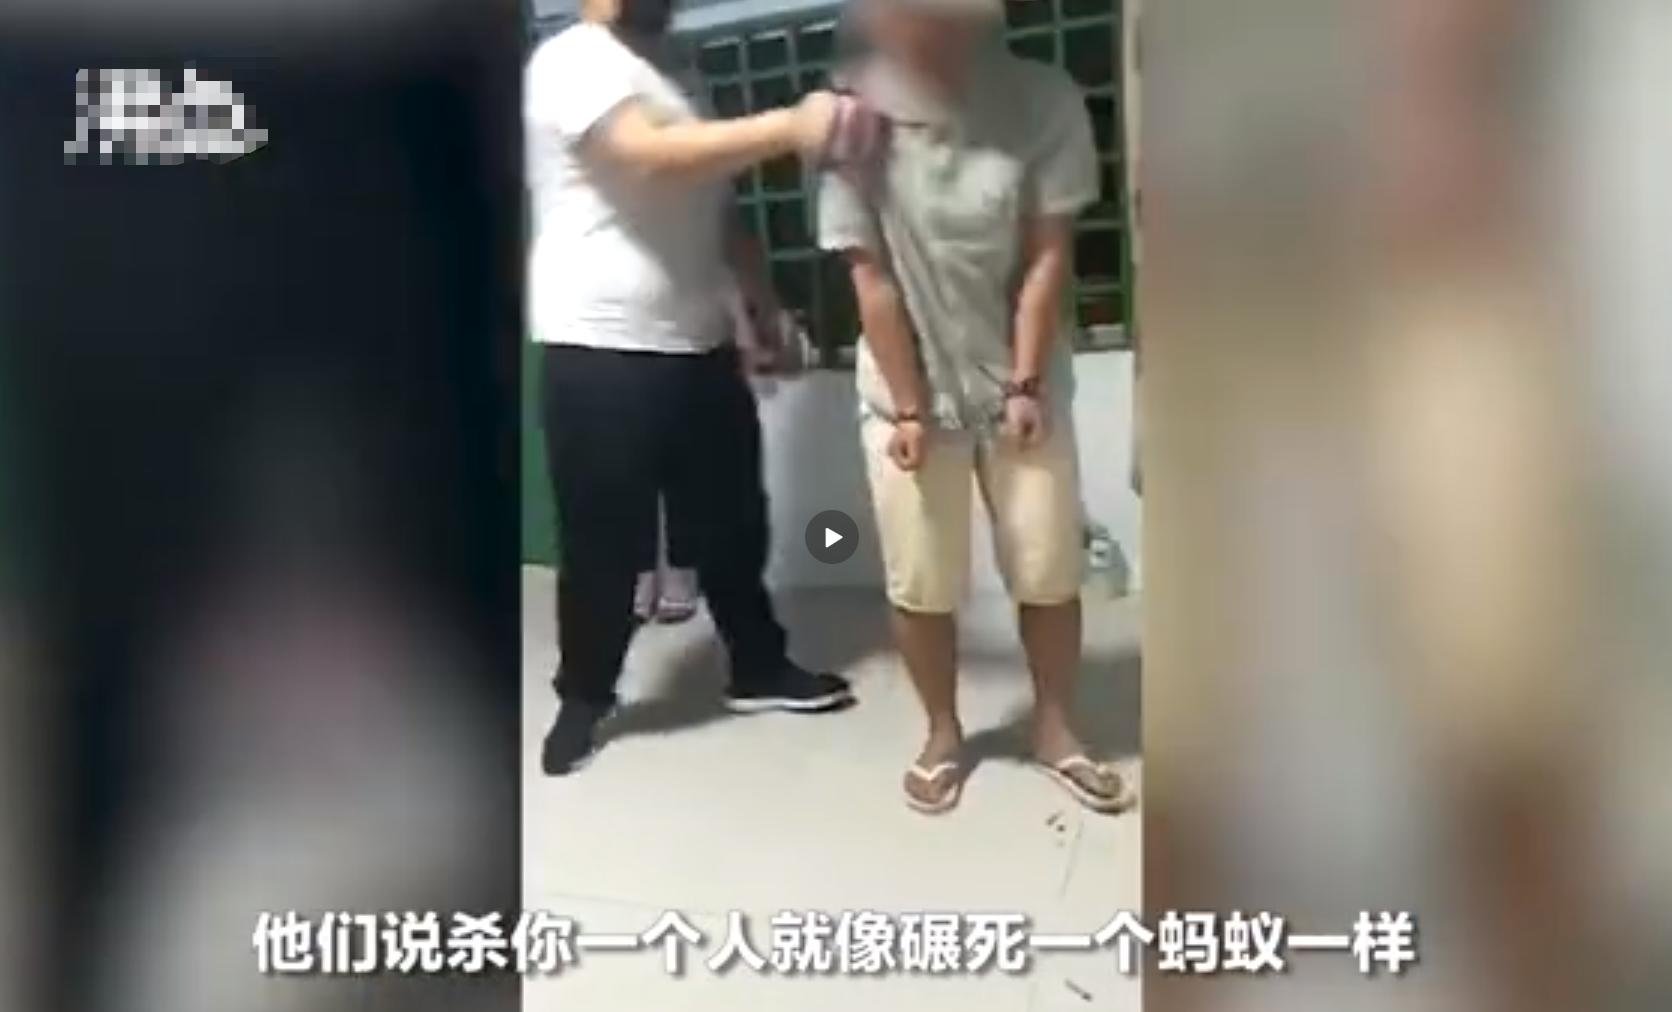 杀人就像捏蚂蚁!7名中国人被绑架至境外虐待 现场触目惊心